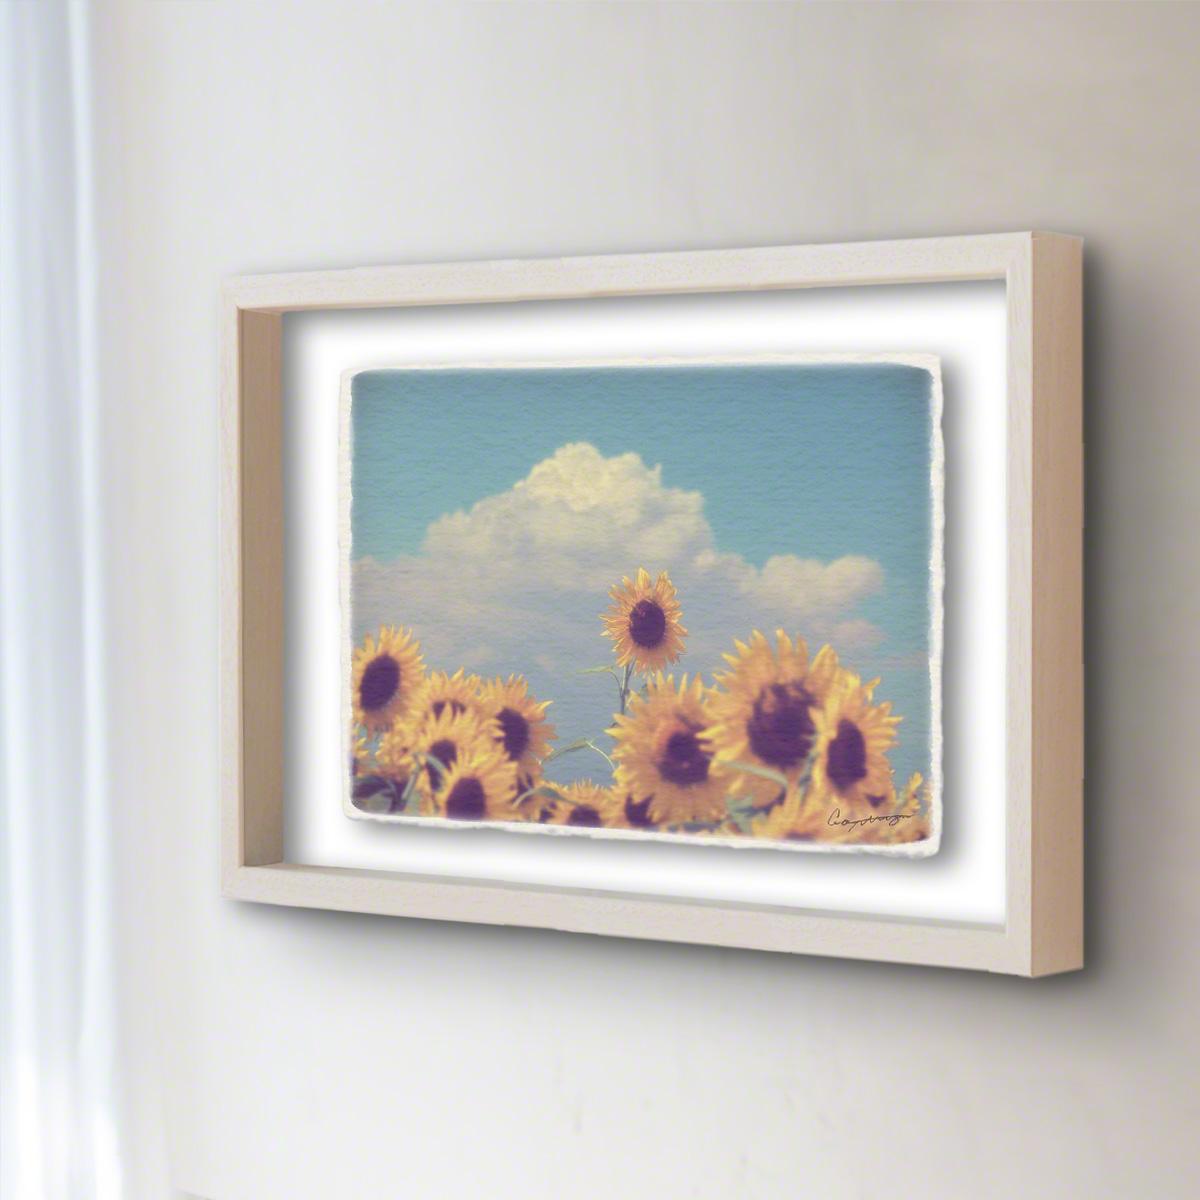 和紙 手作り アートフレーム 「入道雲と顔を出したヒマワリの花」(52x42cm) 絵画 絵 ポスター 壁掛け モダン アート 和風 オリジナル インテリア 風景画 ランキング おすすめ おしゃれ 人気 キッチン リビング ダイニング 玄関 和室